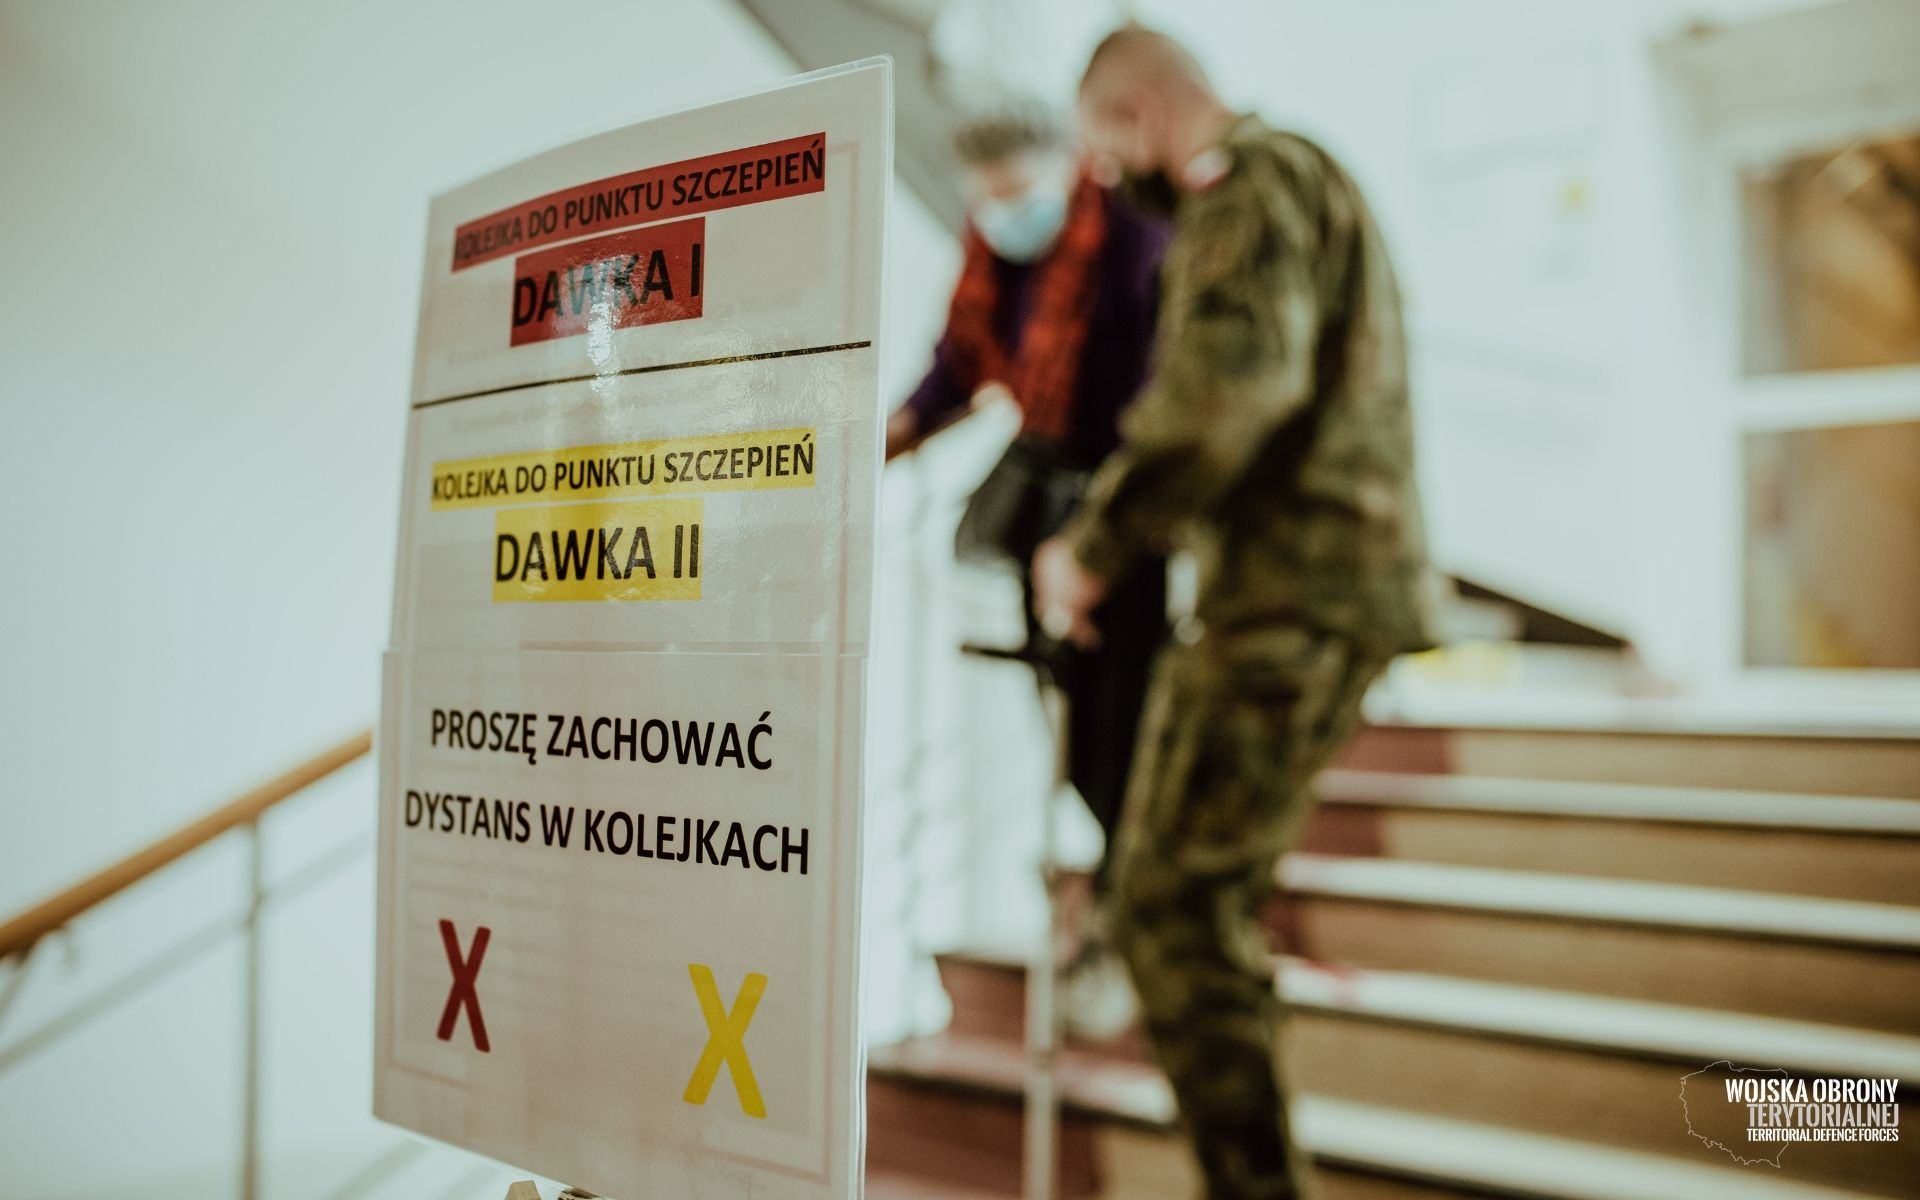 Lubelscy terytorialsi pomagają przy szczepieniach przeciwko COVID-19 - Zdjęcie główne